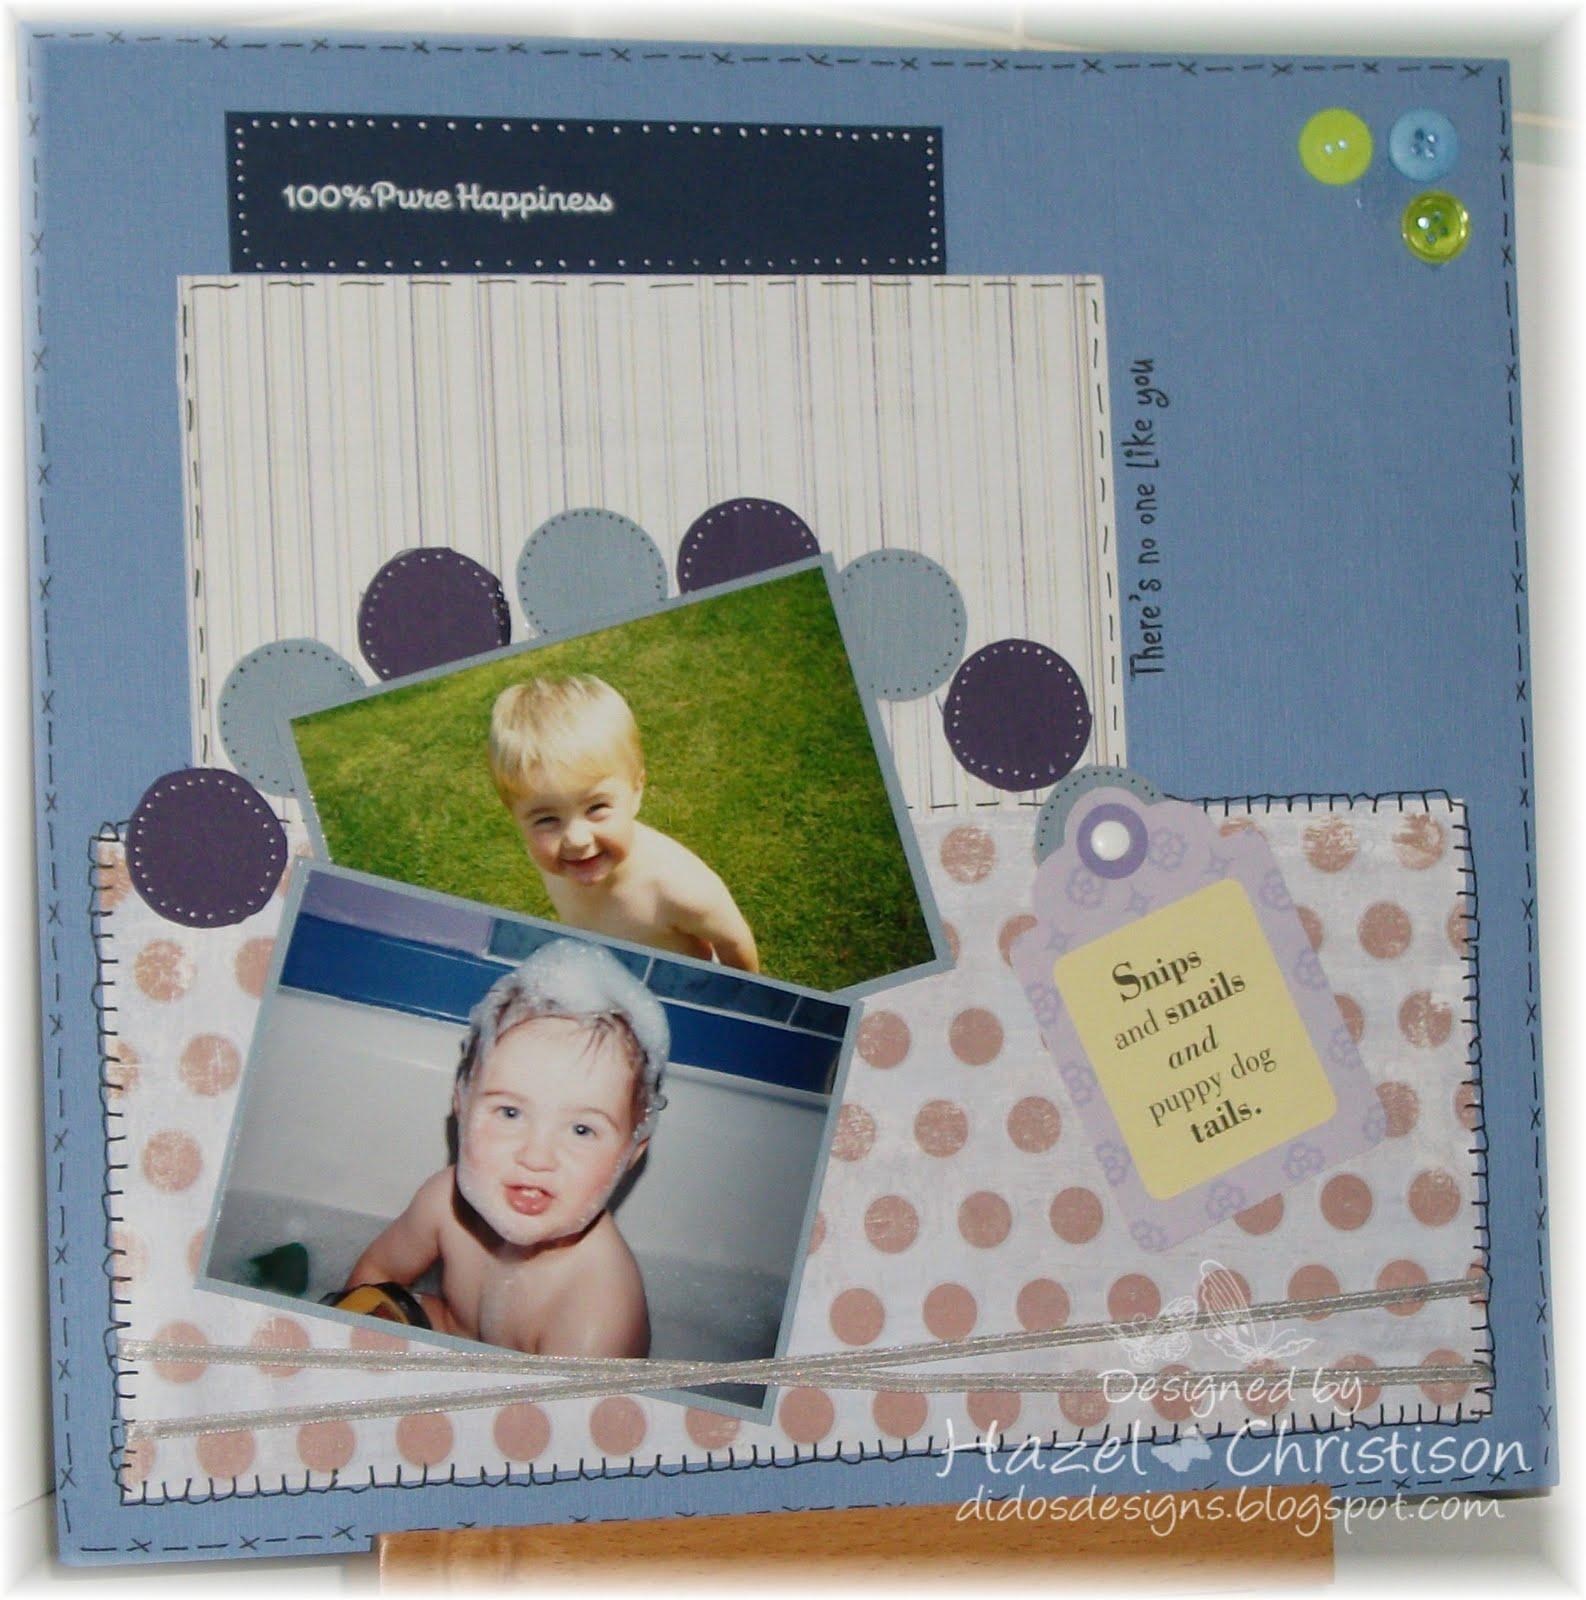 http://4.bp.blogspot.com/_KZhLglXNCxI/TIl-zYXDu5I/AAAAAAAAQuo/k6vxFf-5Abw/s1600/Cards+By+Dido%27s+Designs+004.JPG